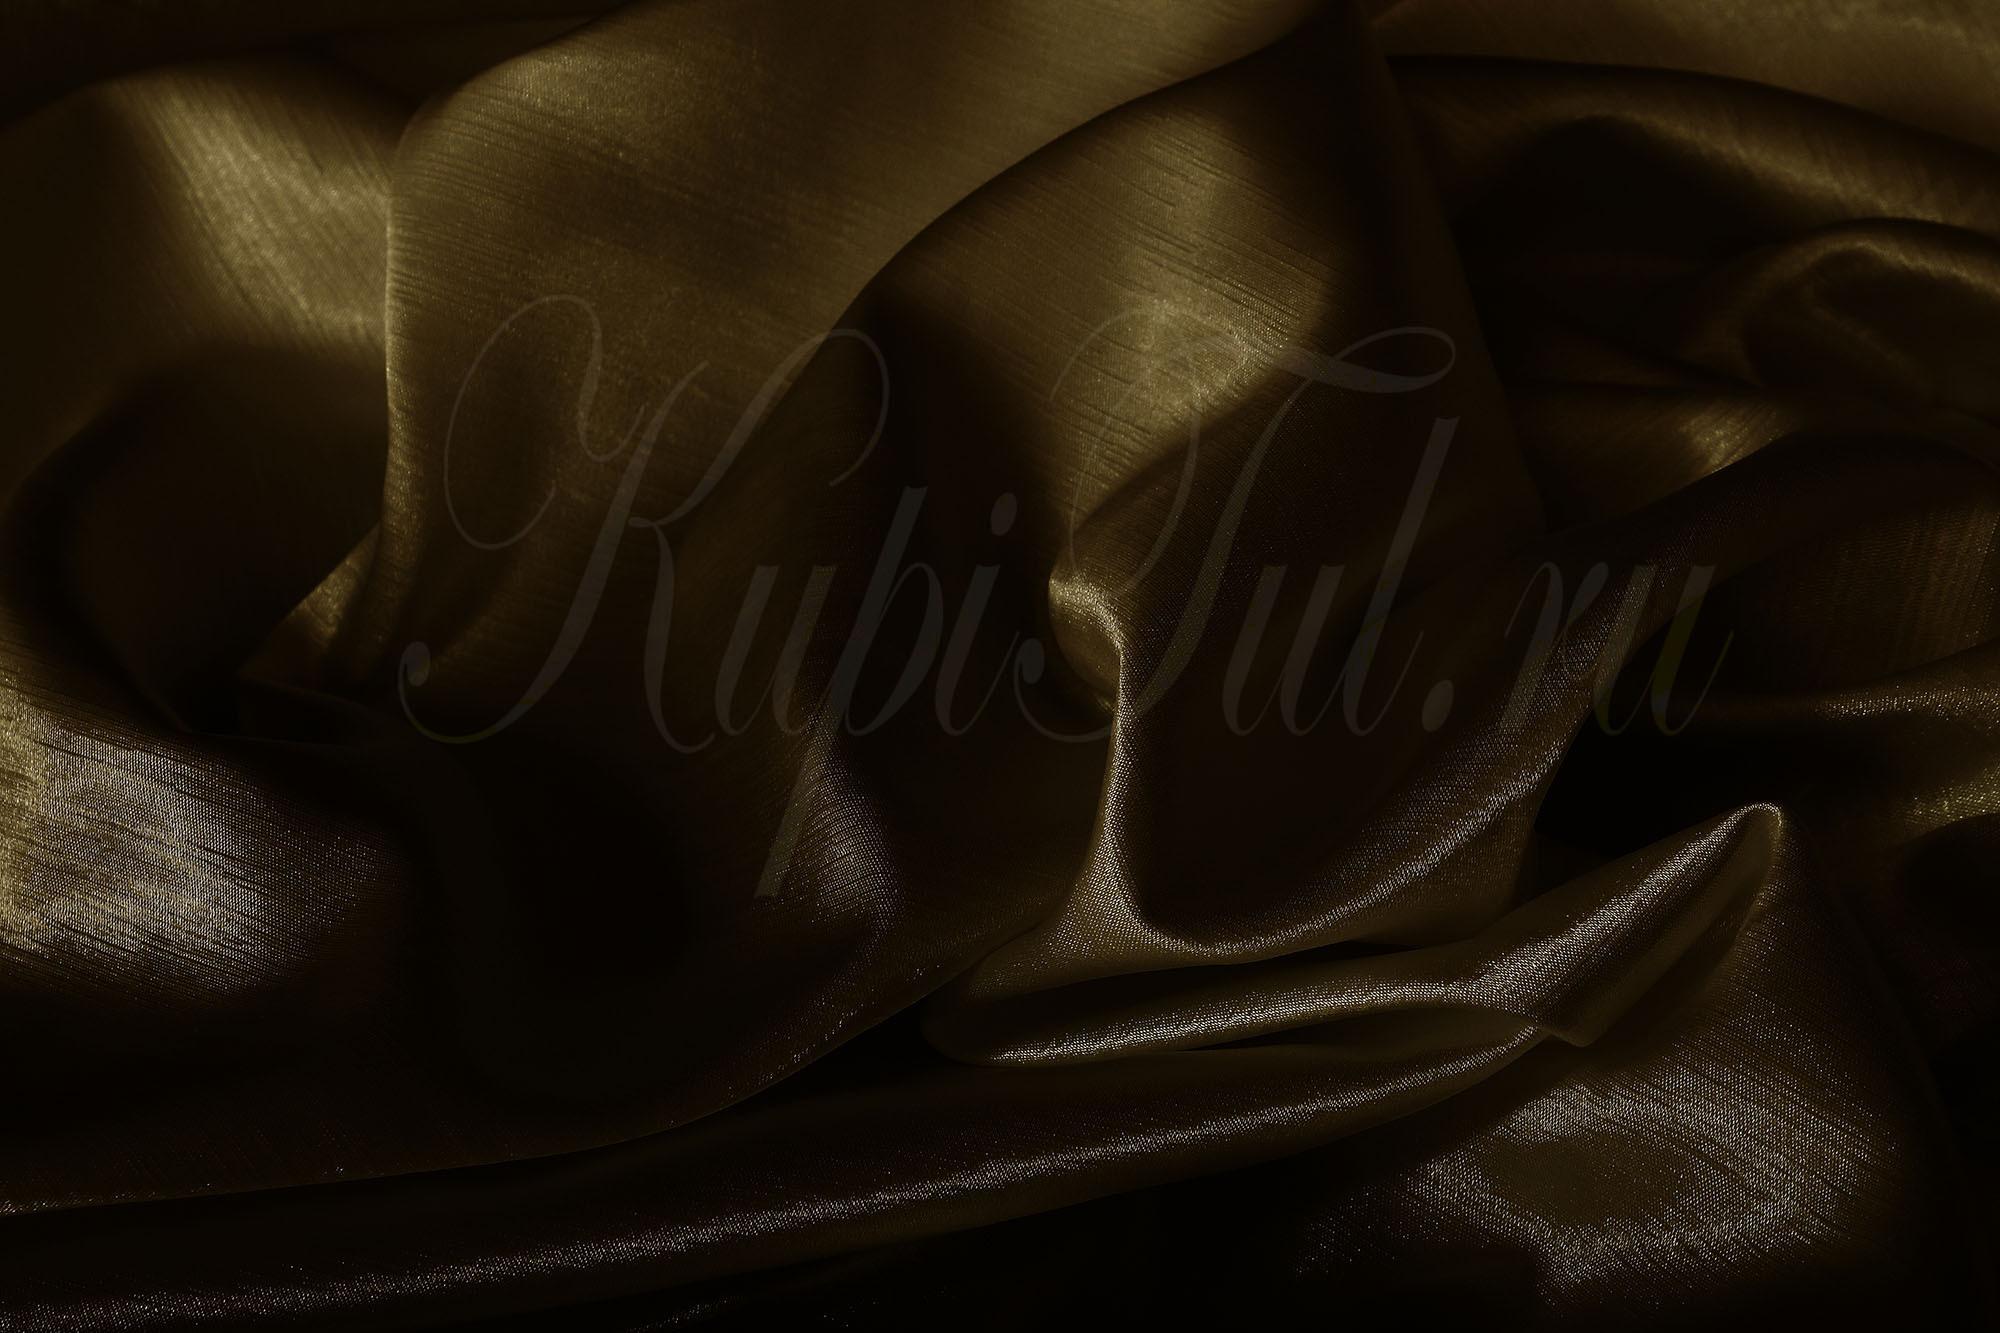 Leonardo (Венге), Шторы из однотонного шик-сатена.